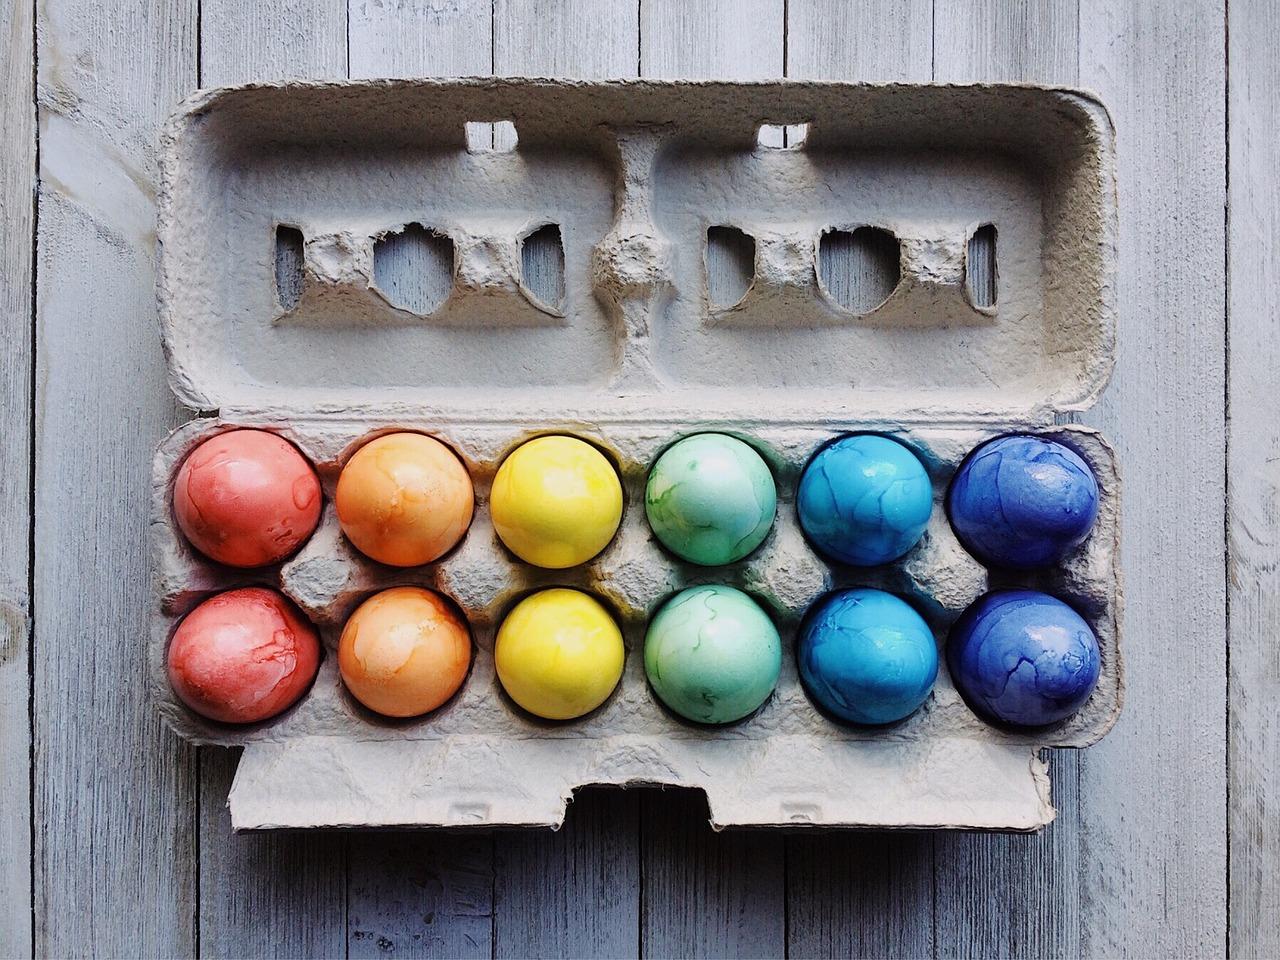 卵の大量消費にオススメなおかずやデザートを紹介!ケーキ・プリン・シフォンケーキやキッシュが最適!